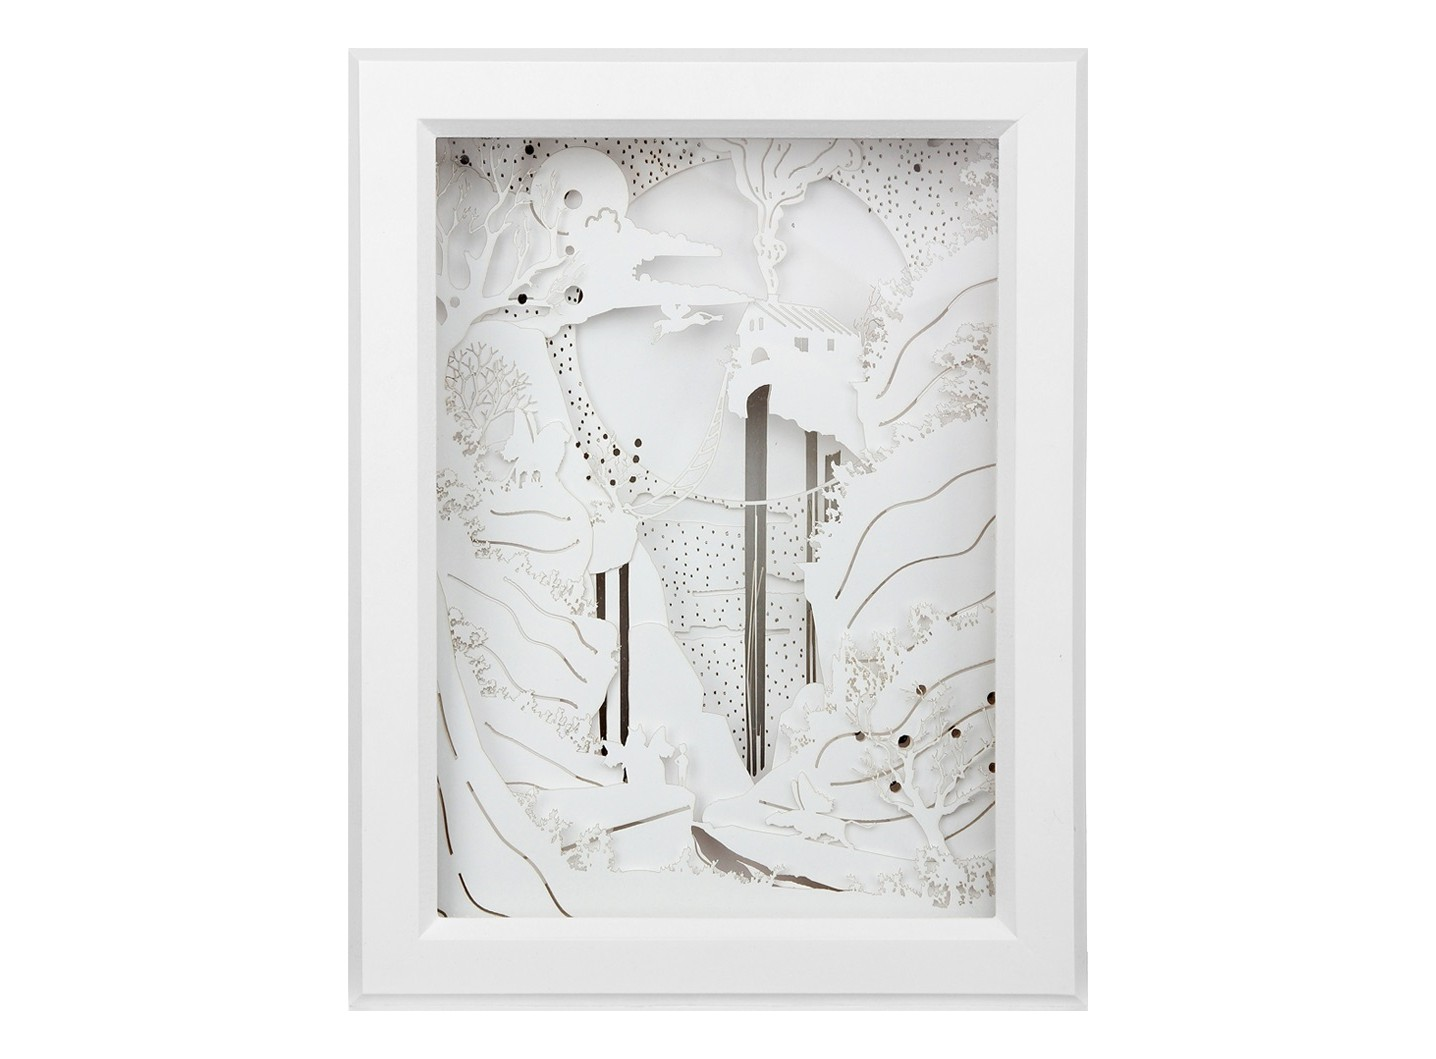 Световая диорама ВодопадБра<br>Световая диорама это картина-ночник. Рисунок диорамы состоит из 12 слоев, вырезанных из бумаги, и выстроен так, чтобы создавалась максимальная игра света и тени. <br>Корпус сделаен из МДФ и окрашен итальянским лаком. Диорама естественно вписывается в любые виды интерьеров. Есть крепление для подвеса на стену.&amp;amp;nbsp;&amp;lt;div&amp;gt;&amp;lt;br&amp;gt;&amp;lt;/div&amp;gt;&amp;lt;div&amp;gt;Материалы: МДФ, бумага, стекло&amp;lt;/div&amp;gt;&amp;lt;div&amp;gt;Подсветка LED - 24 W&amp;lt;/div&amp;gt;&amp;lt;div&amp;gt;Питание от сети 220В&amp;lt;/div&amp;gt;<br><br>Material: МДФ<br>Ширина см: 30<br>Высота см: 39<br>Глубина см: 8